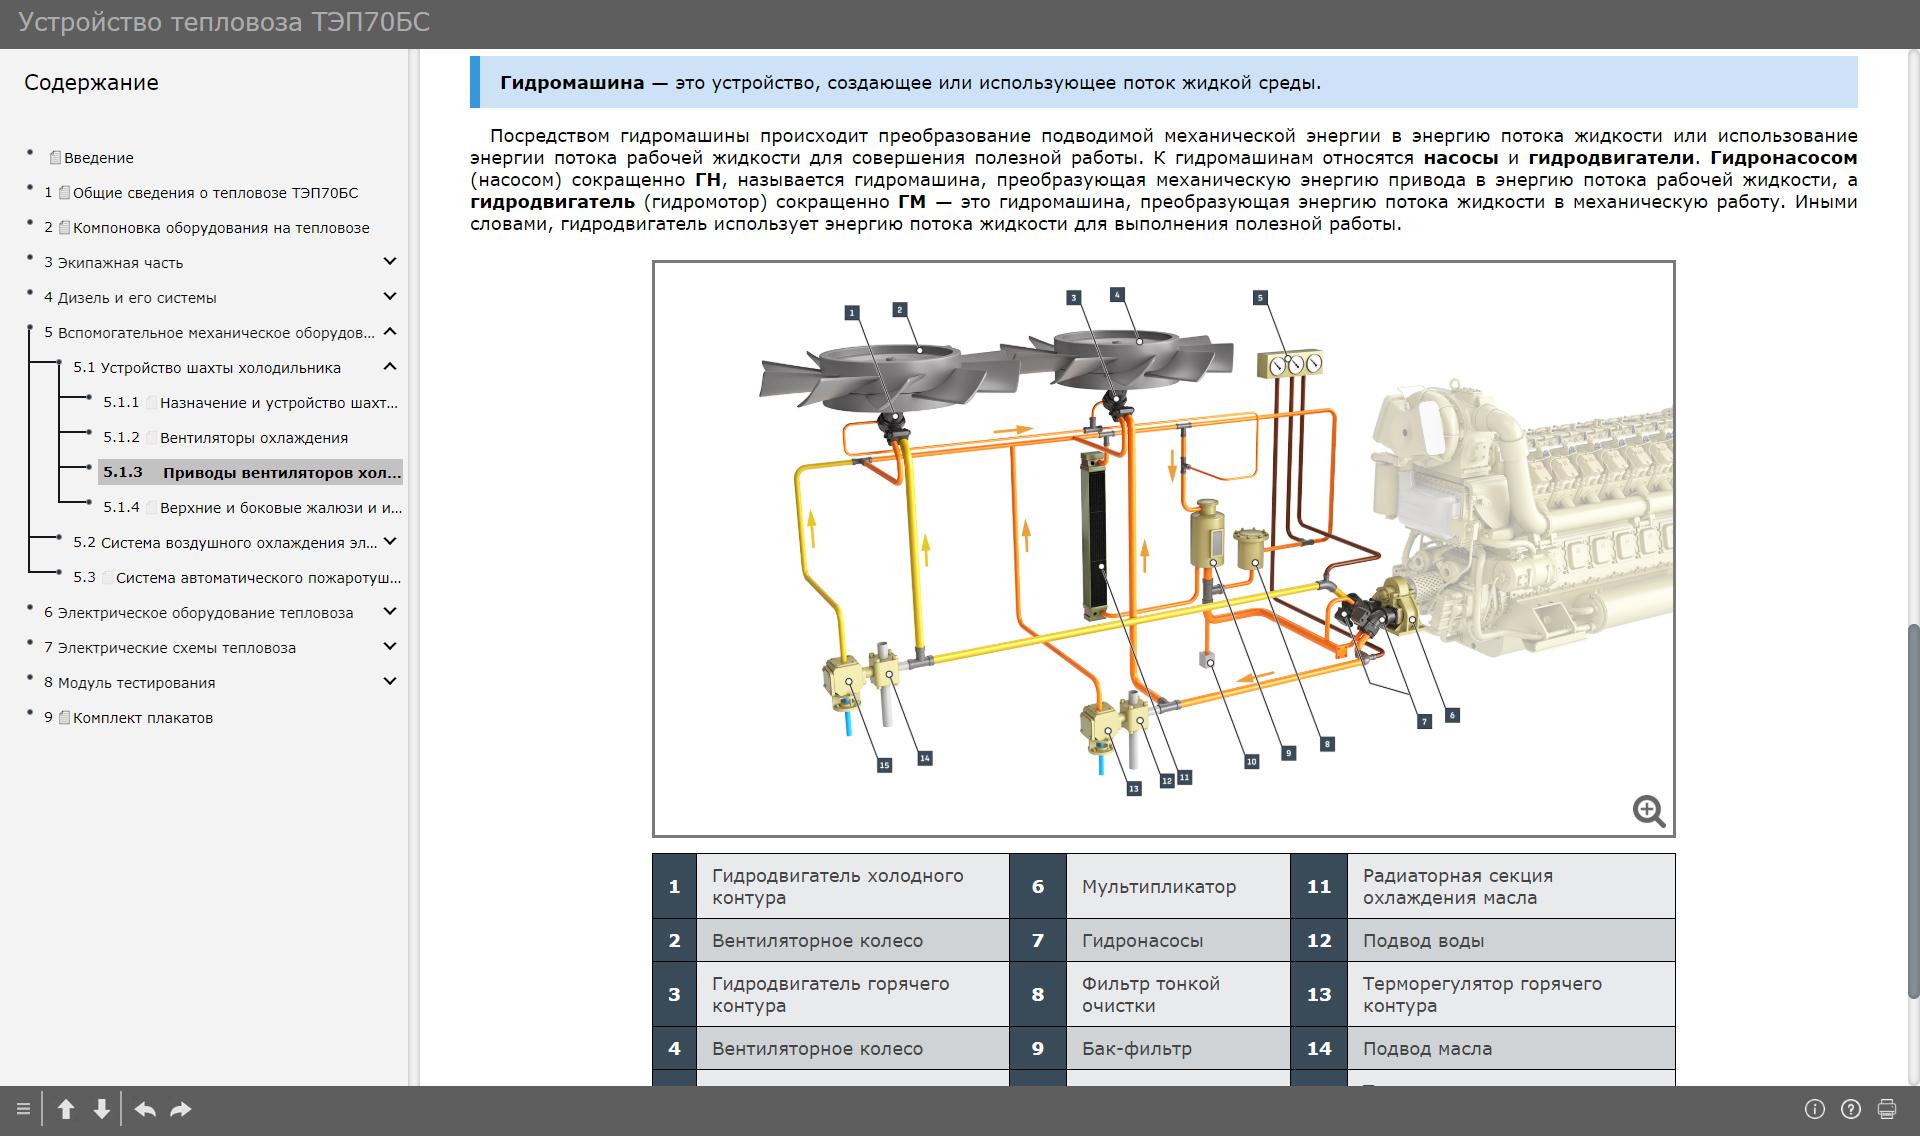 tep70bs 012 Электронный учебный комплекс «Устройство тепловоза ТЭП70БС»